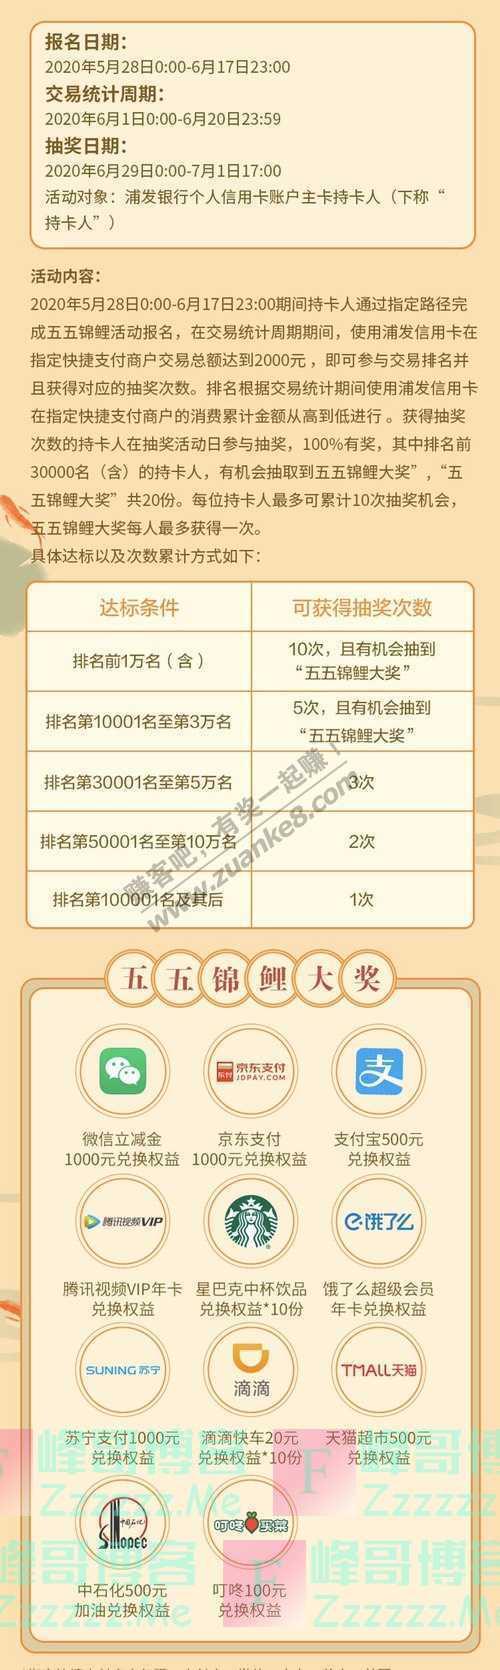 浦发银行xing/用卡五五锦鲤节,赢价值5518元锦鲤大奖!(7月1日截止)